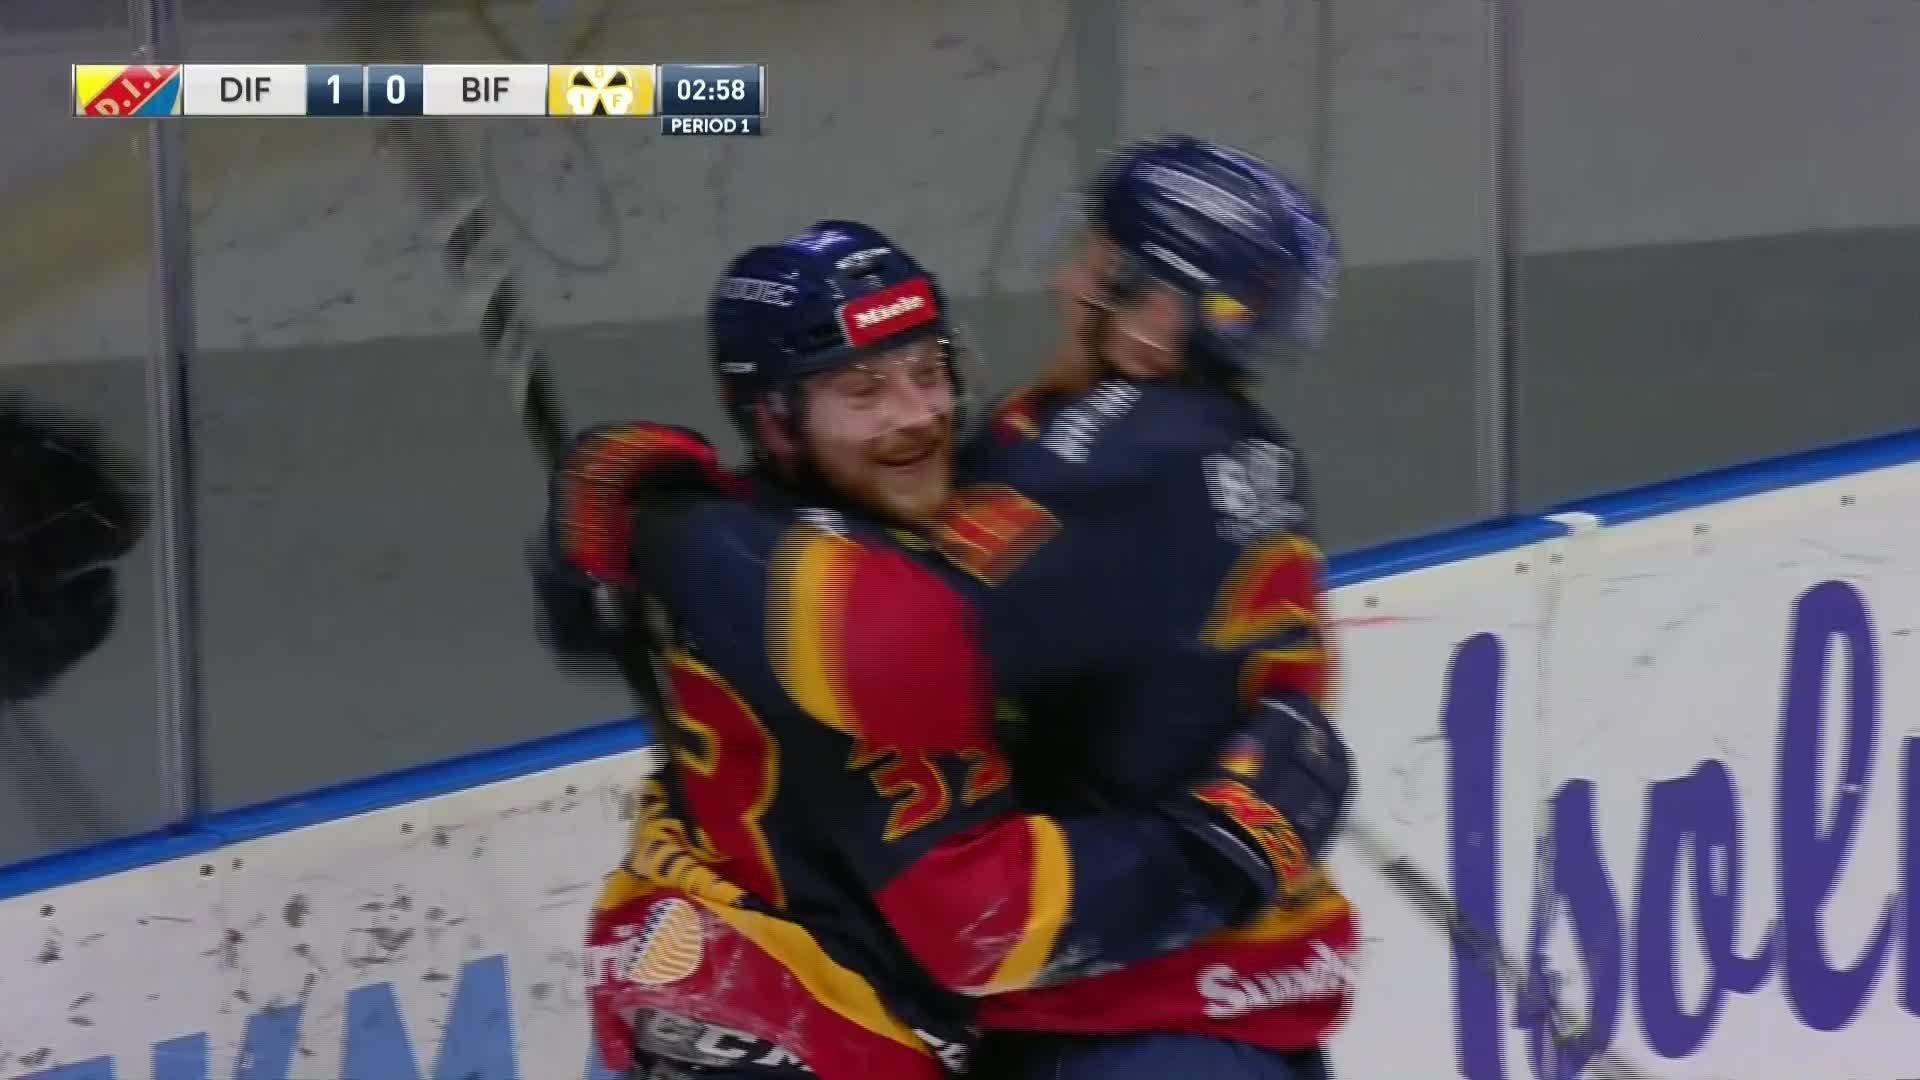 Djurgården Hockey - Brynäs IF 1-0